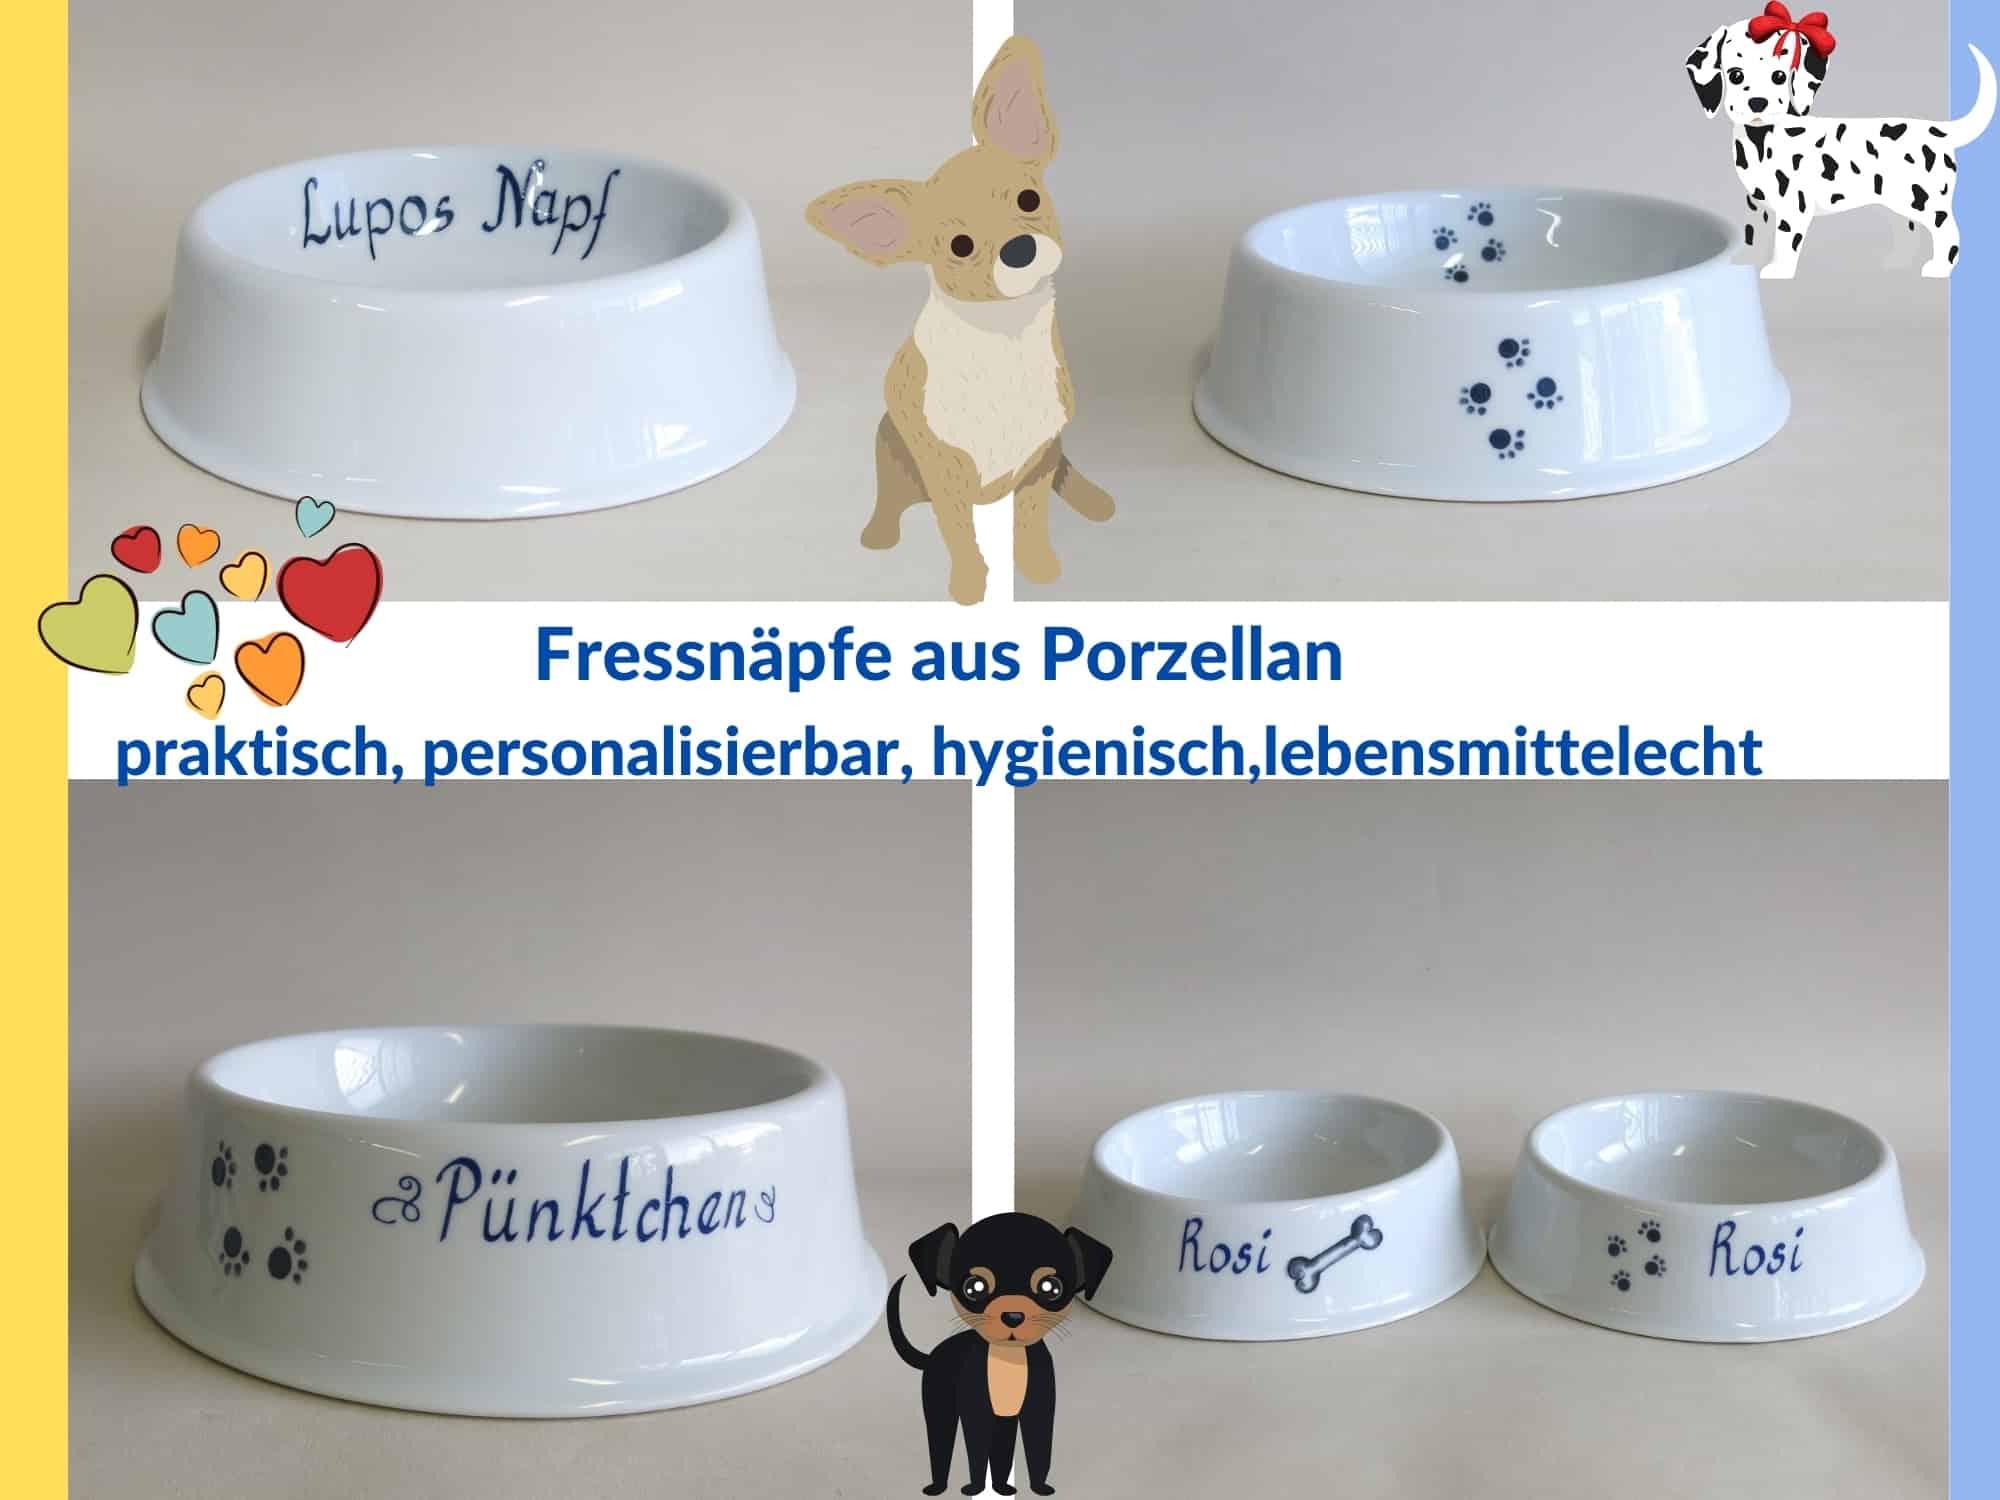 Porzellan Fressnäpfe für Hunde